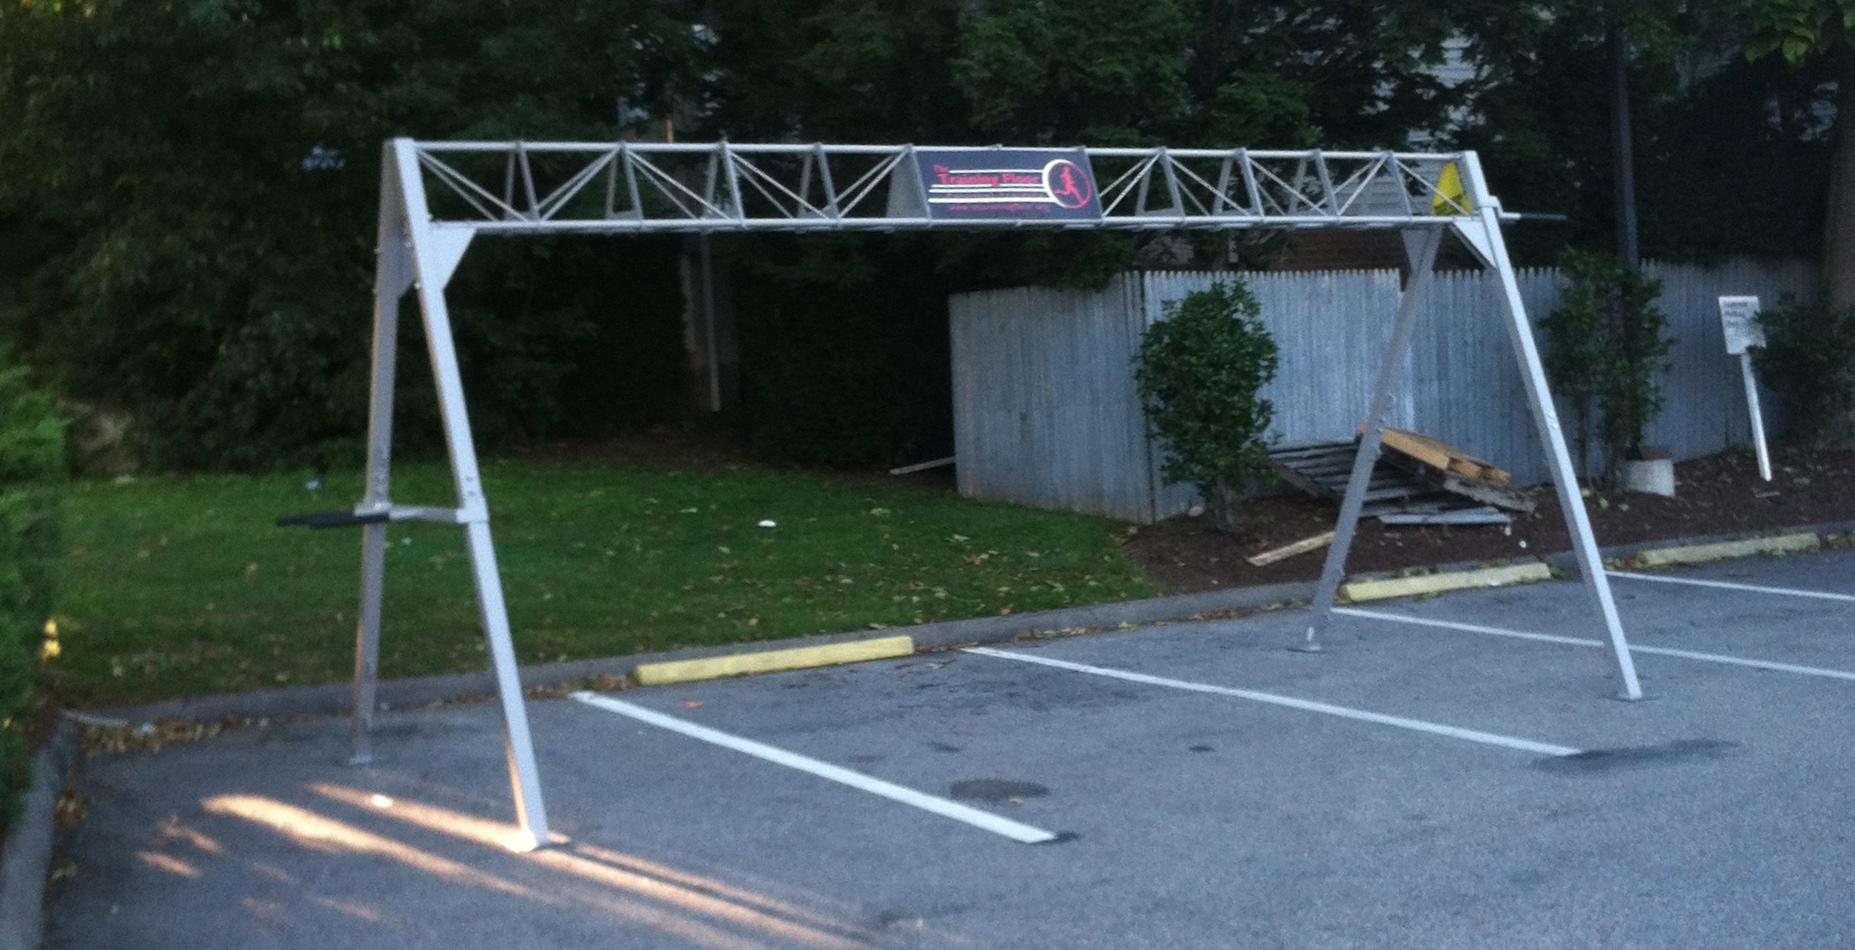 Trx outside - The Training Floor, Kettlebell, TRX, Boot Camp, Kids ...